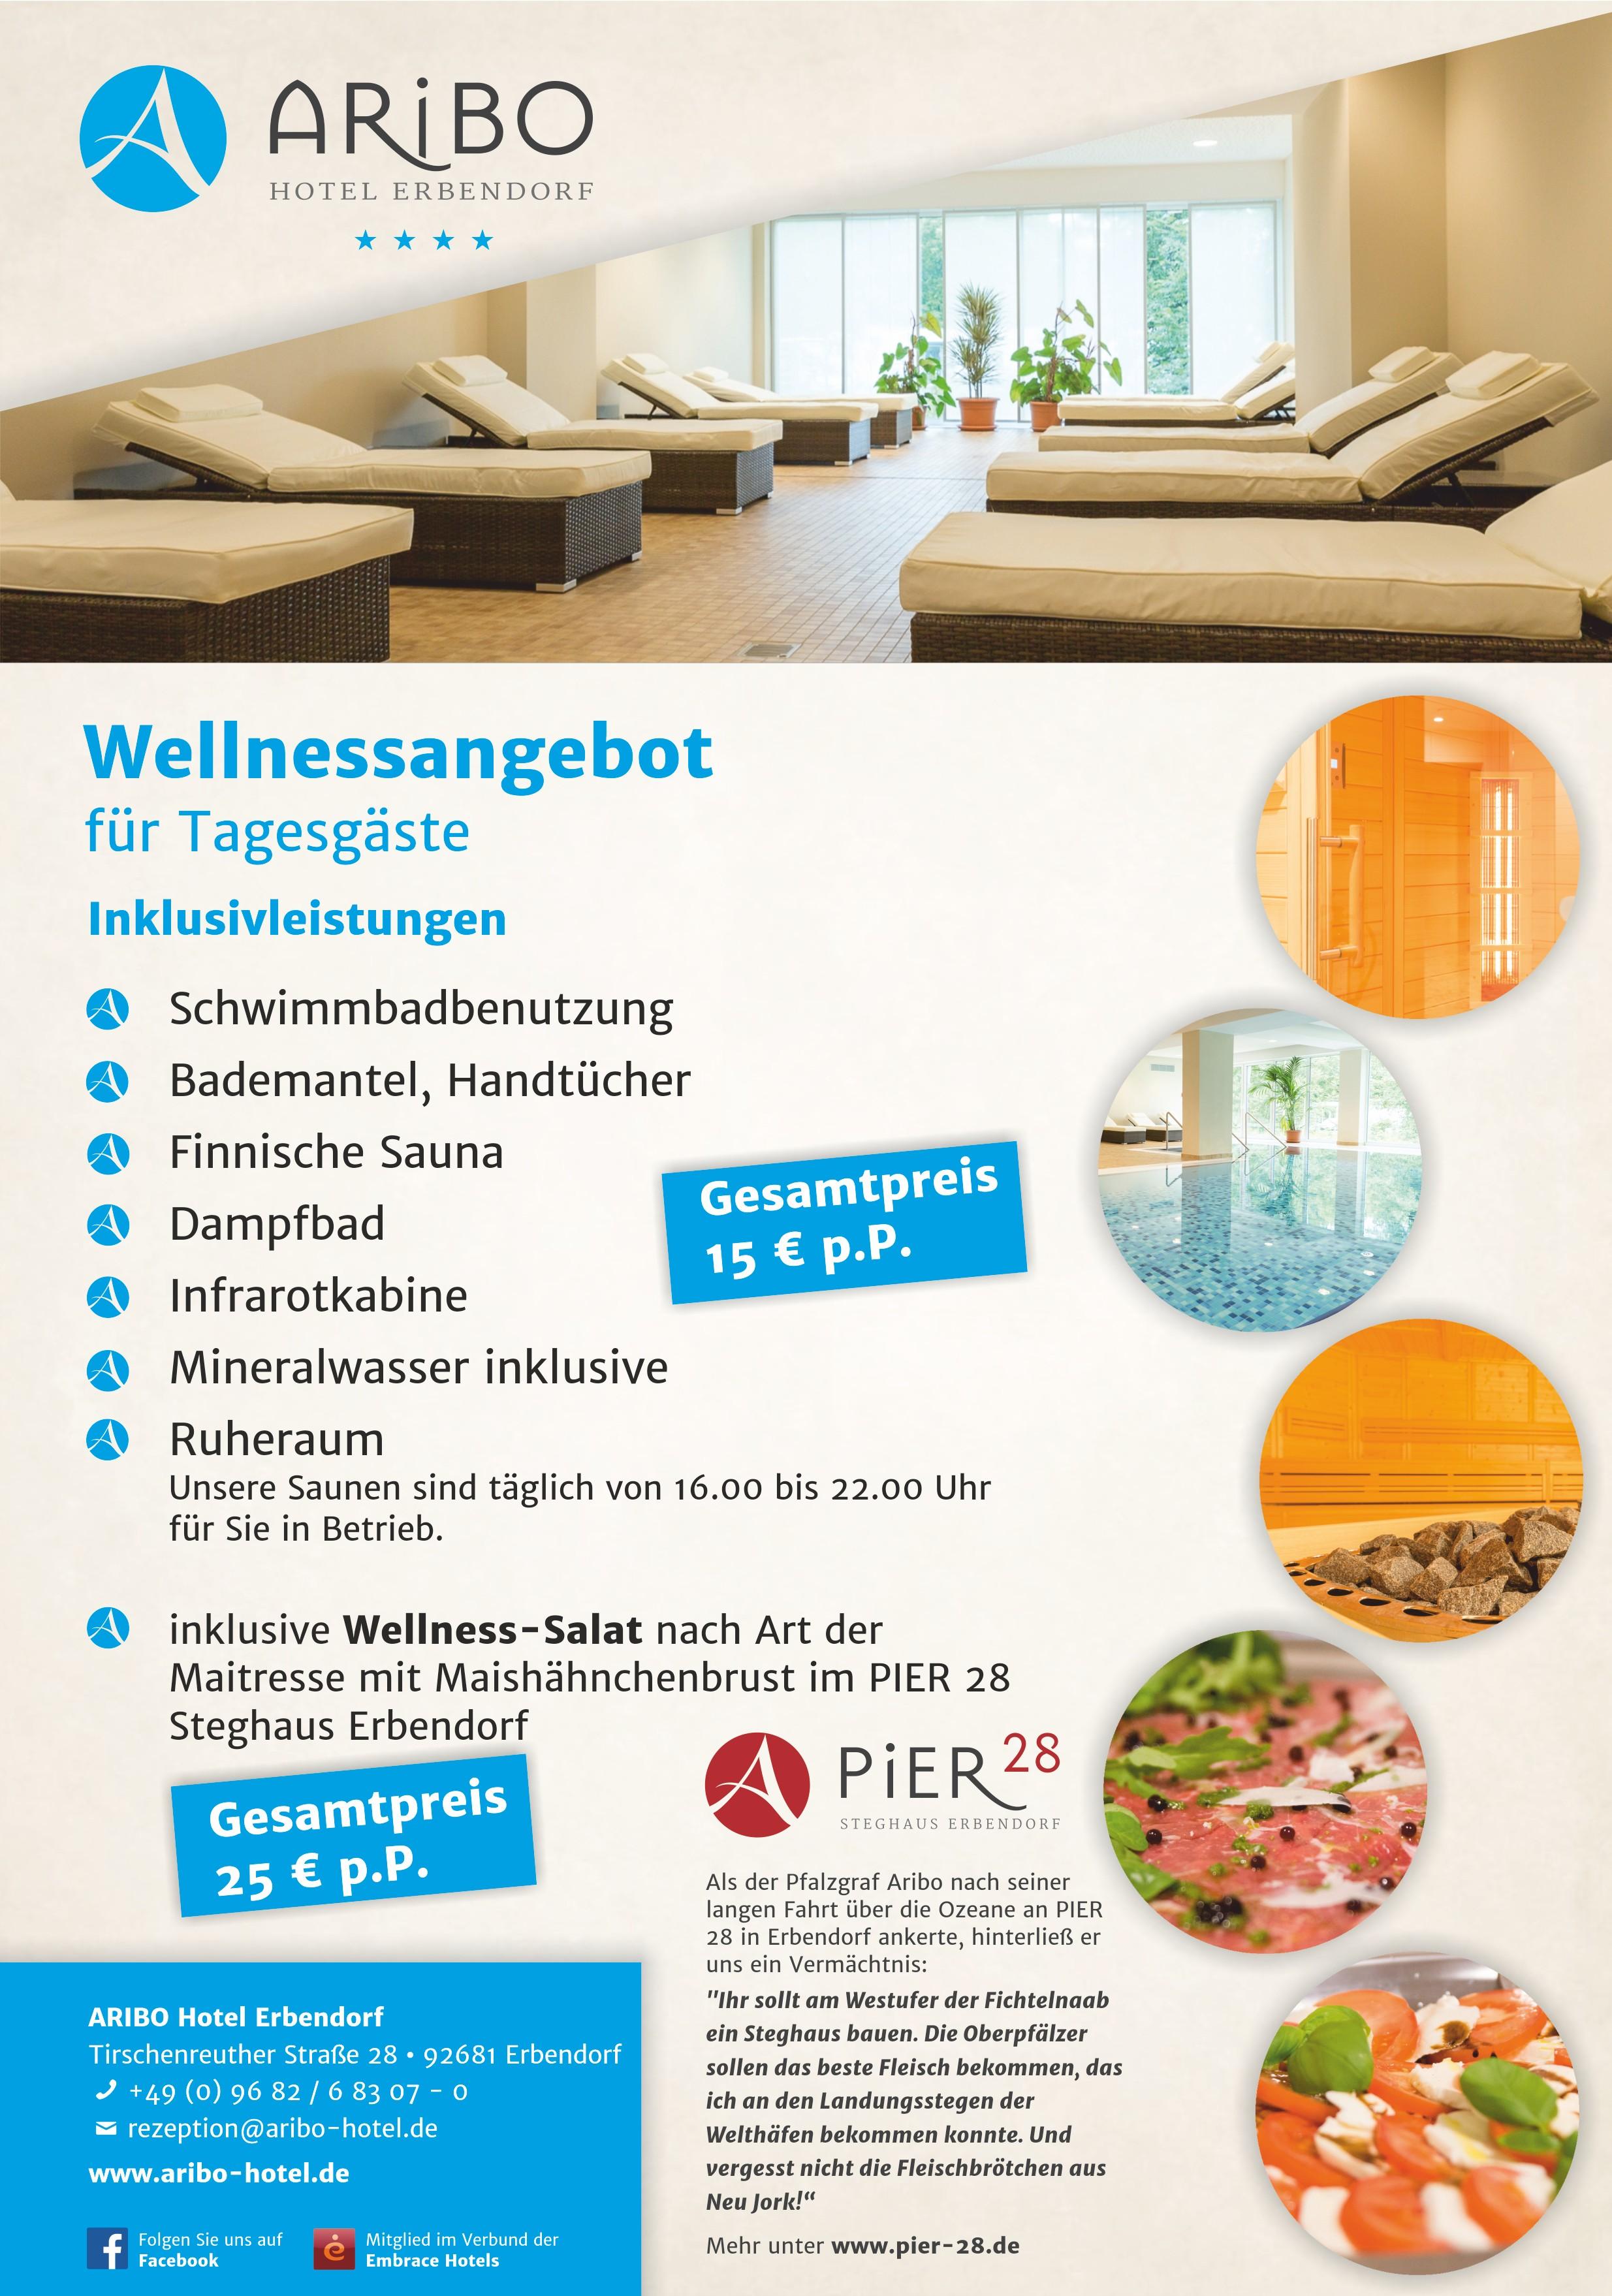 Wellness für Tagesgäste - ARIBO Hotel Erbendorf - Urlaub und